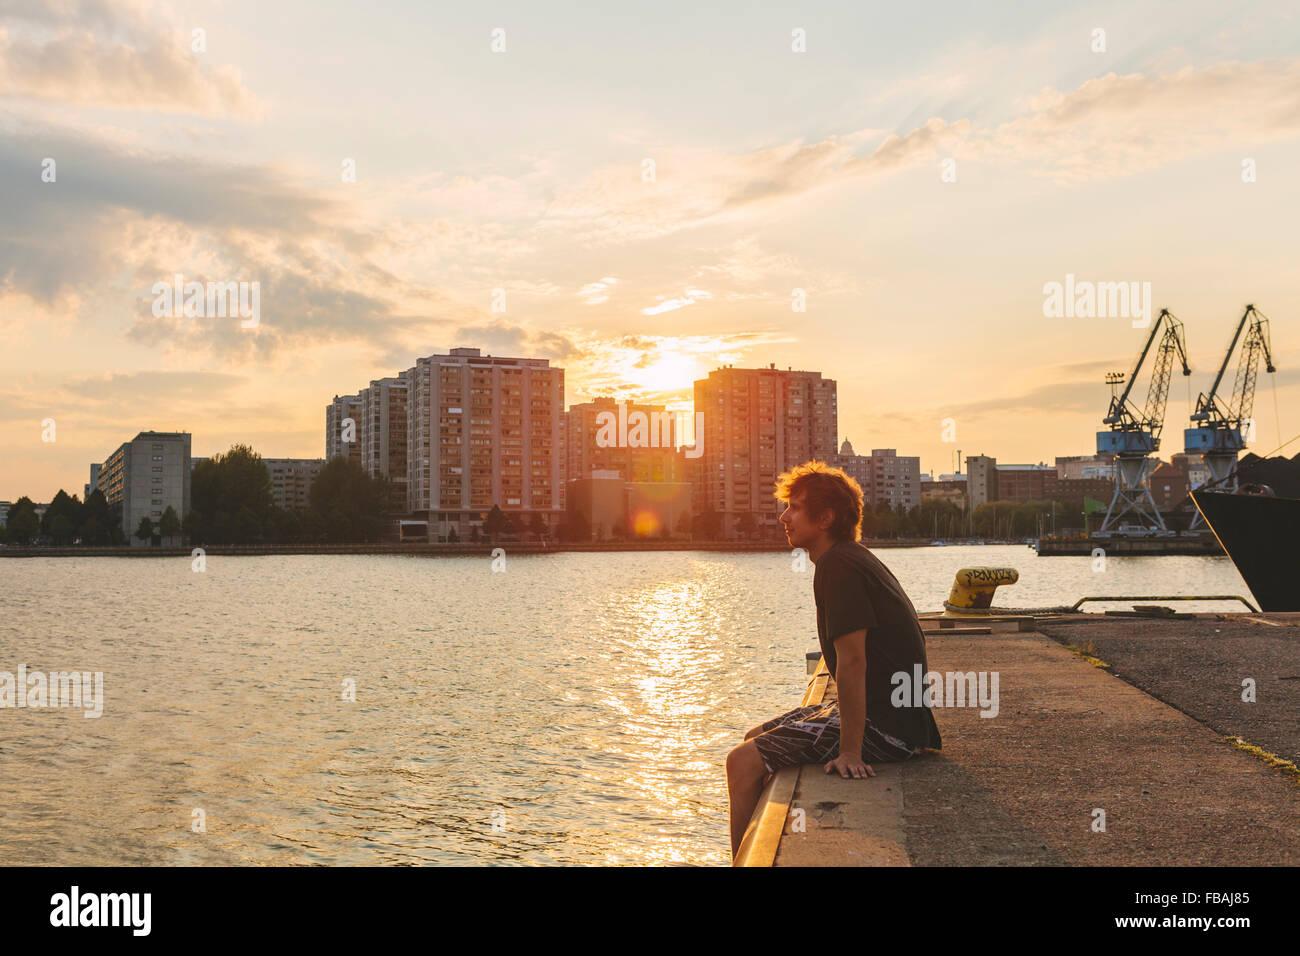 Finland, Helsinki, Uusimaa, Sompasaari, Man sitting on pier at sunset - Stock Image